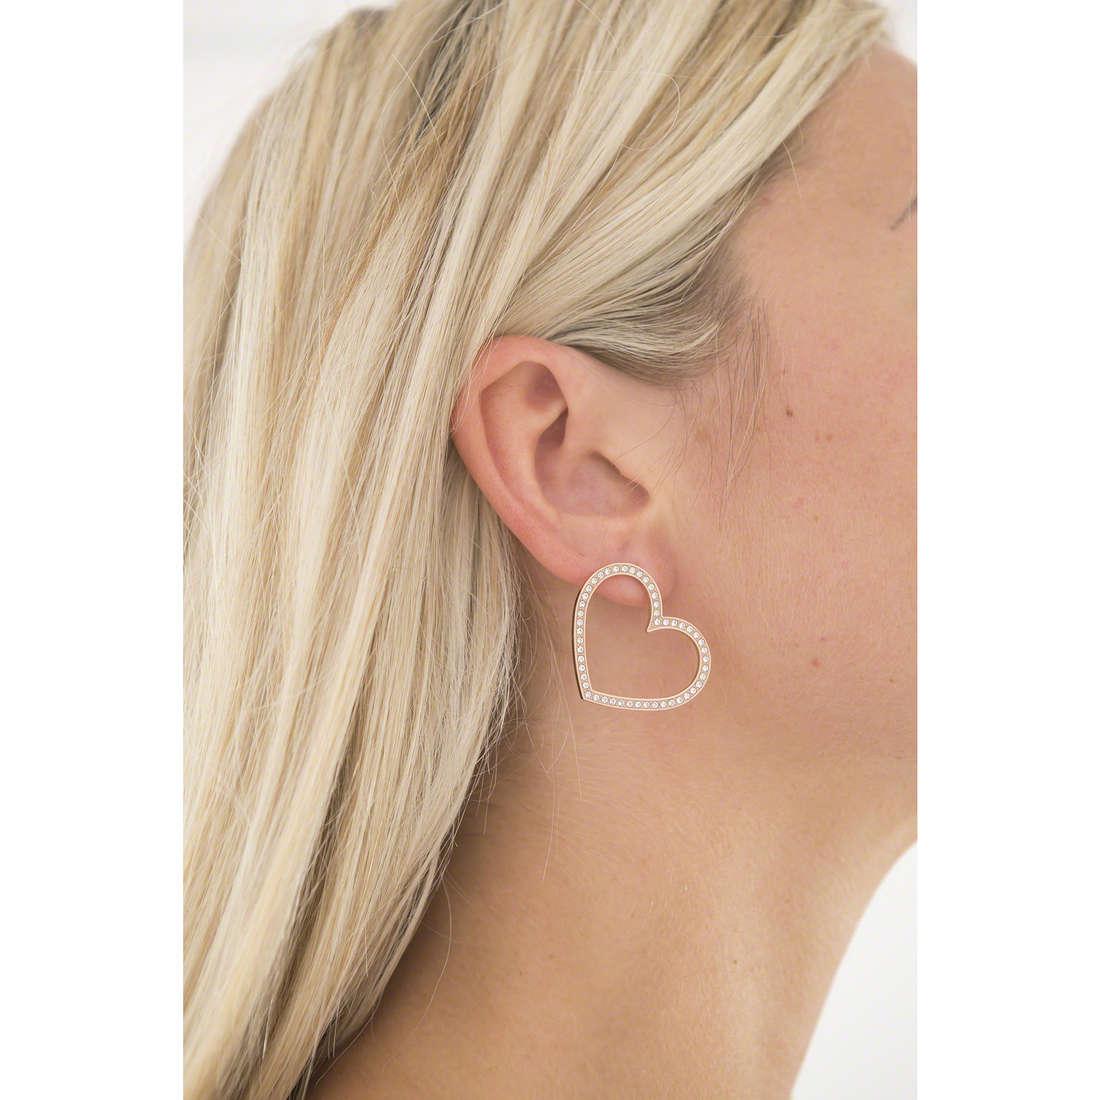 Brosway orecchini Minuetto donna BMU22 indosso